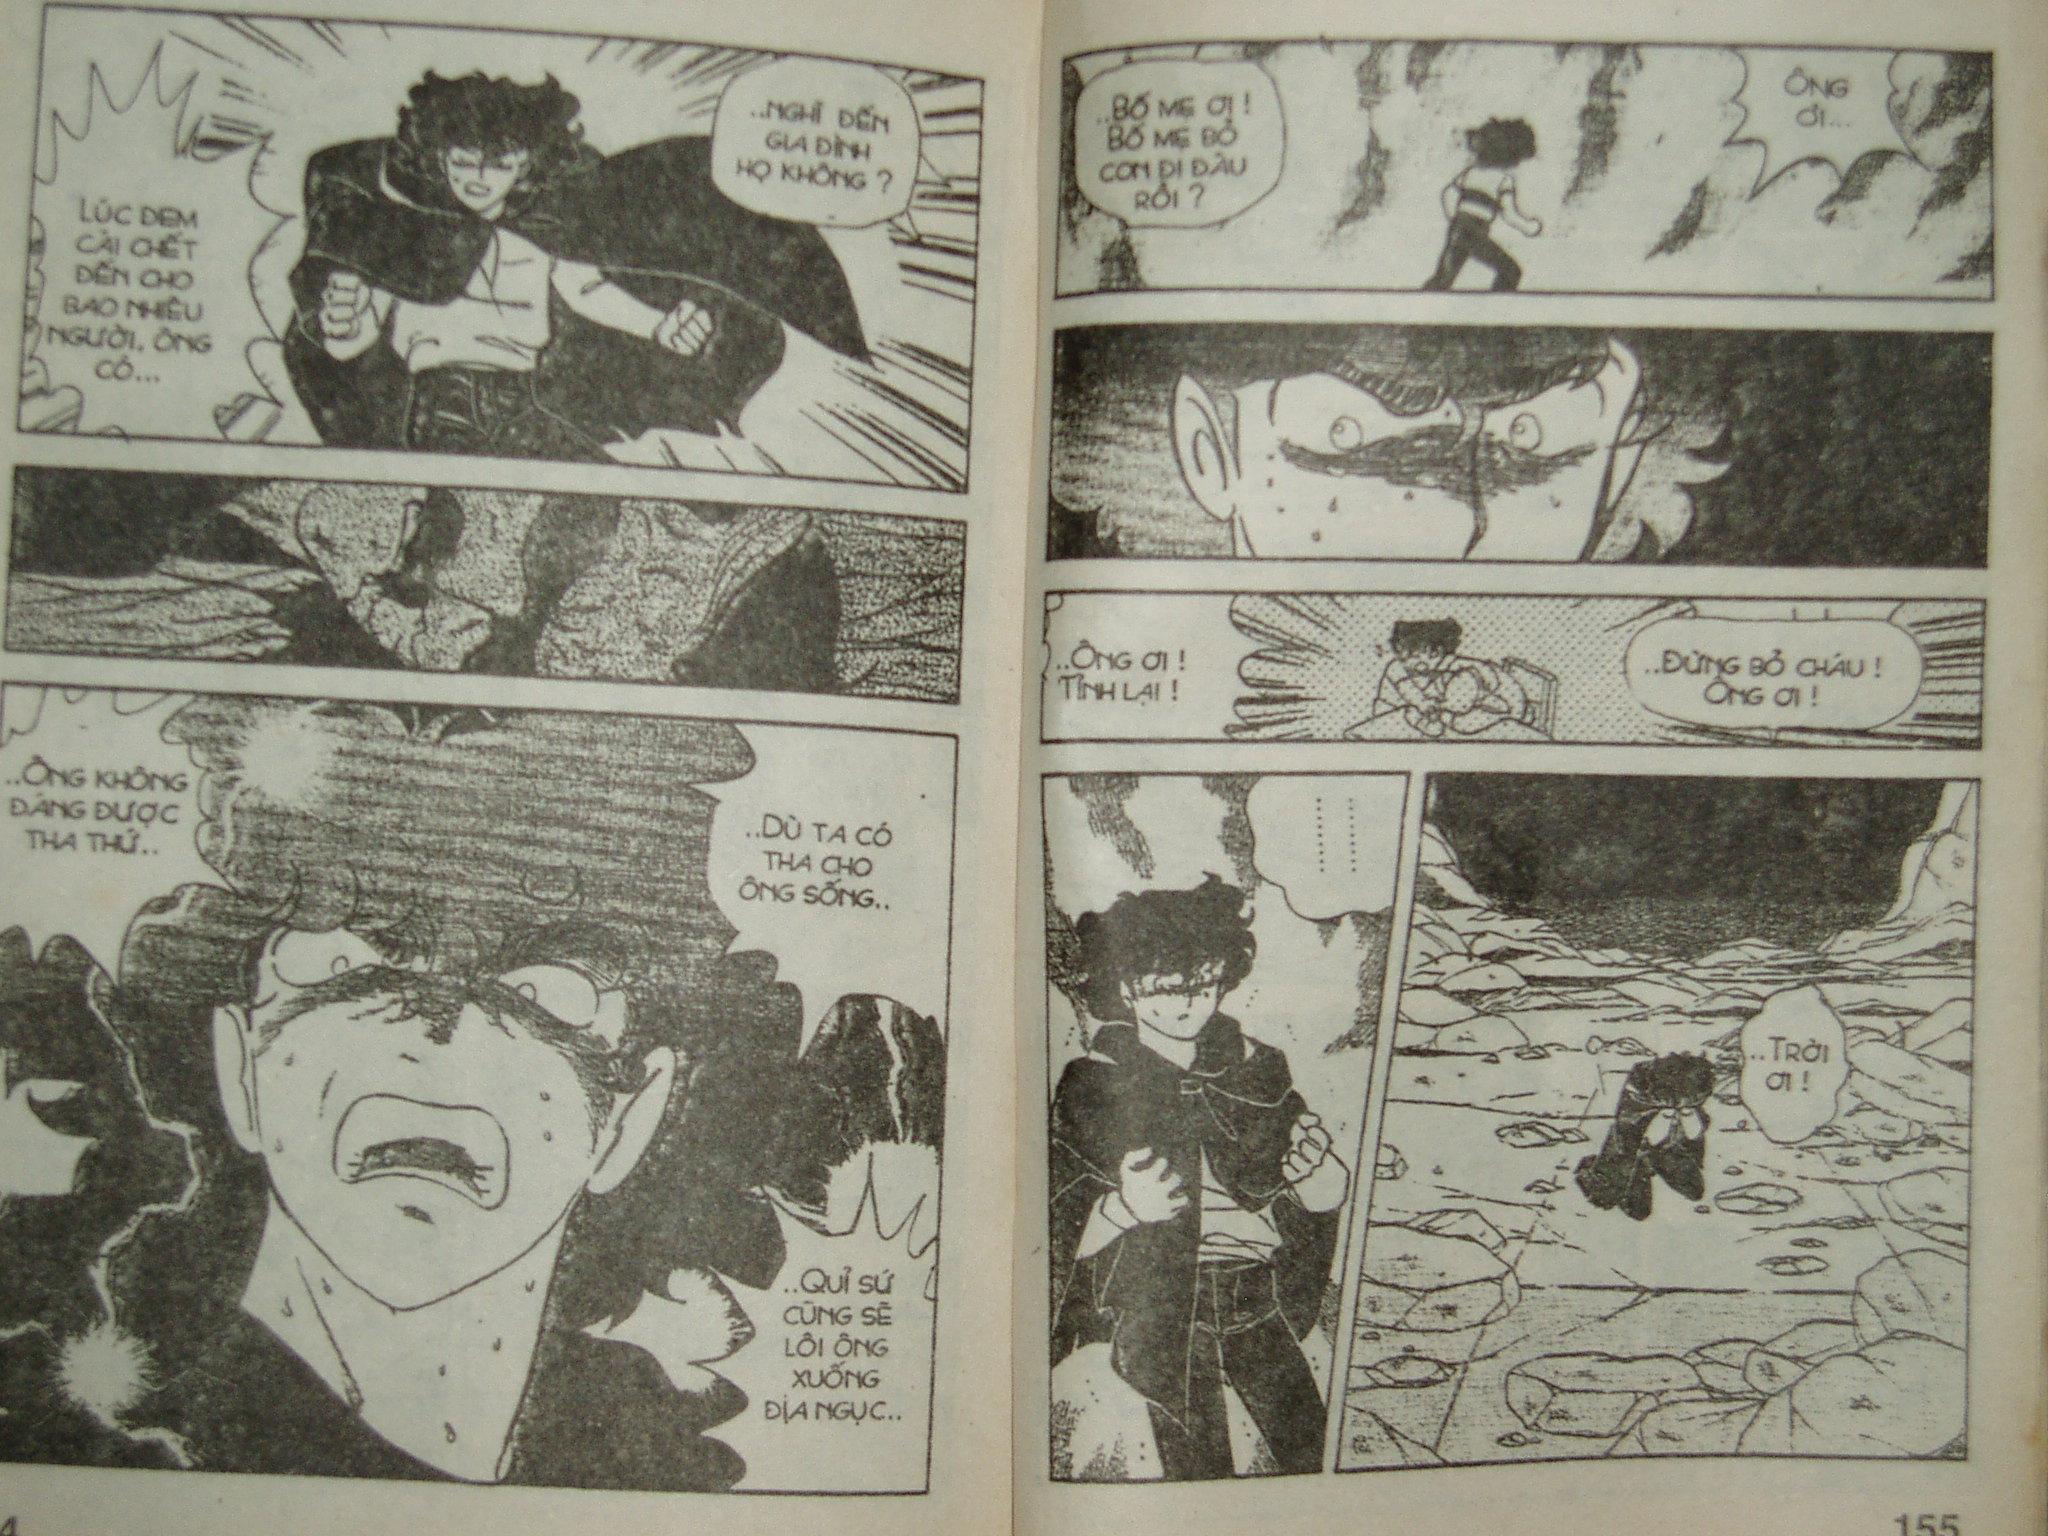 Siêu nhân Locke vol 14 trang 77